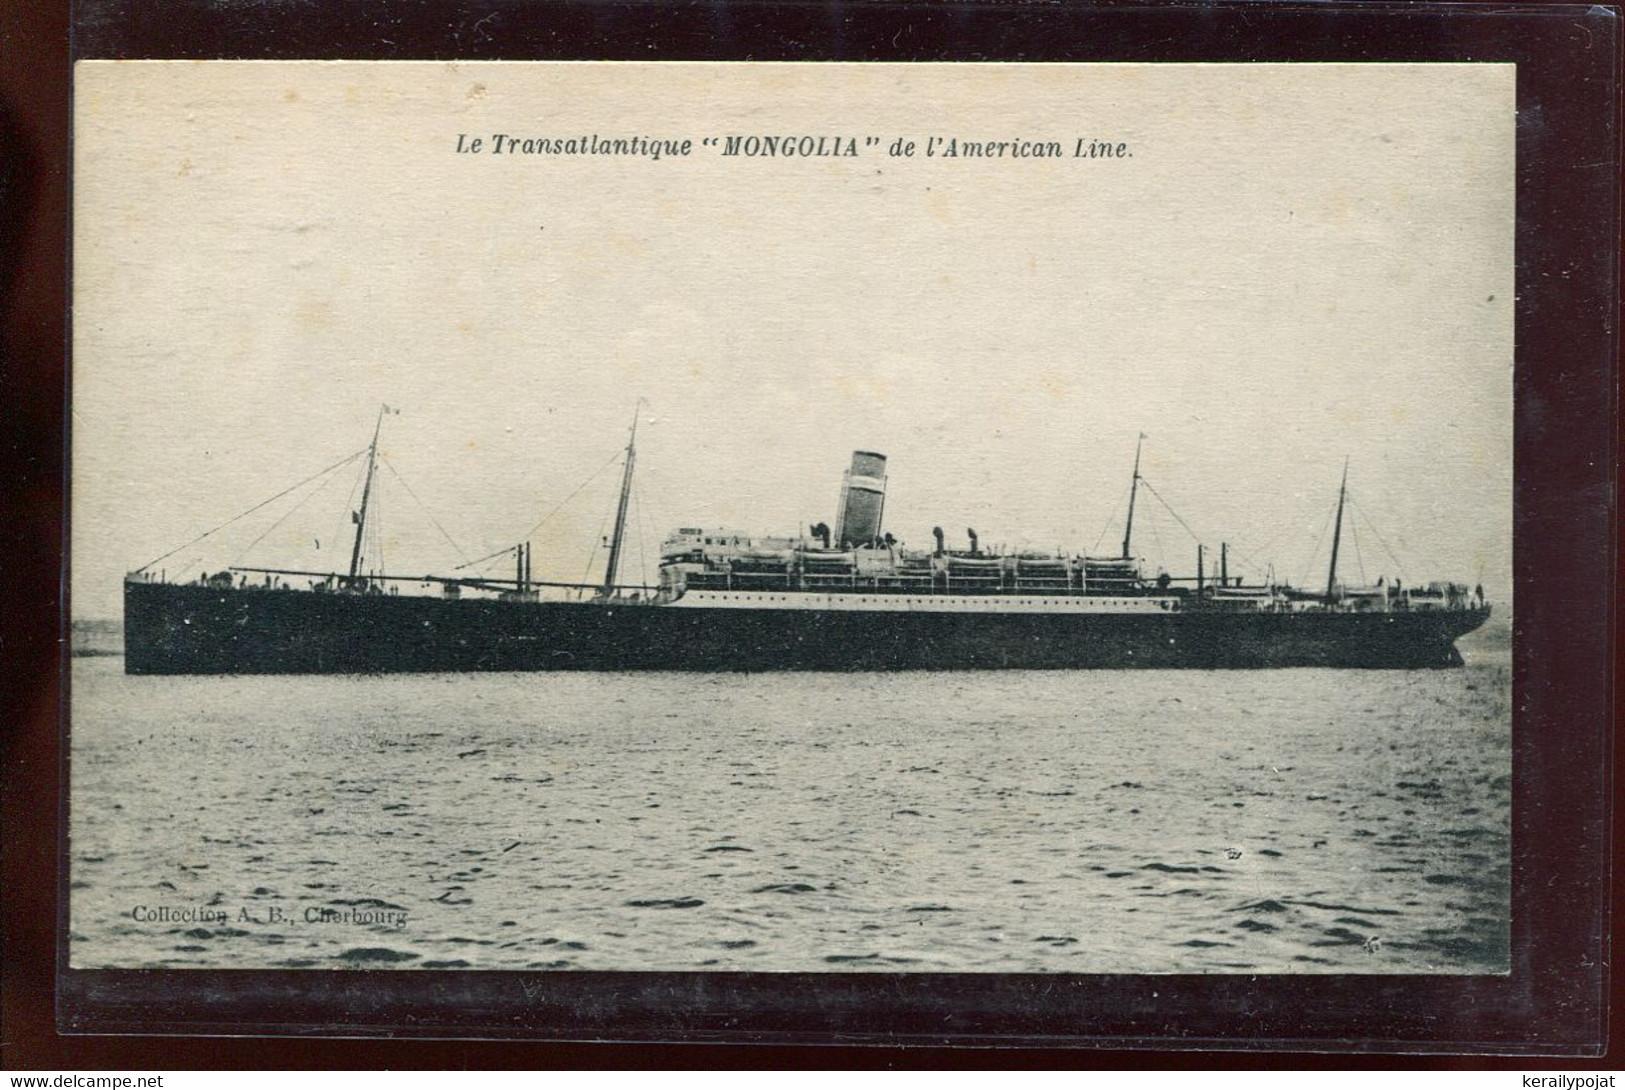 Steamers Mongolia Le Transatlantique__(2428) - Paquebote